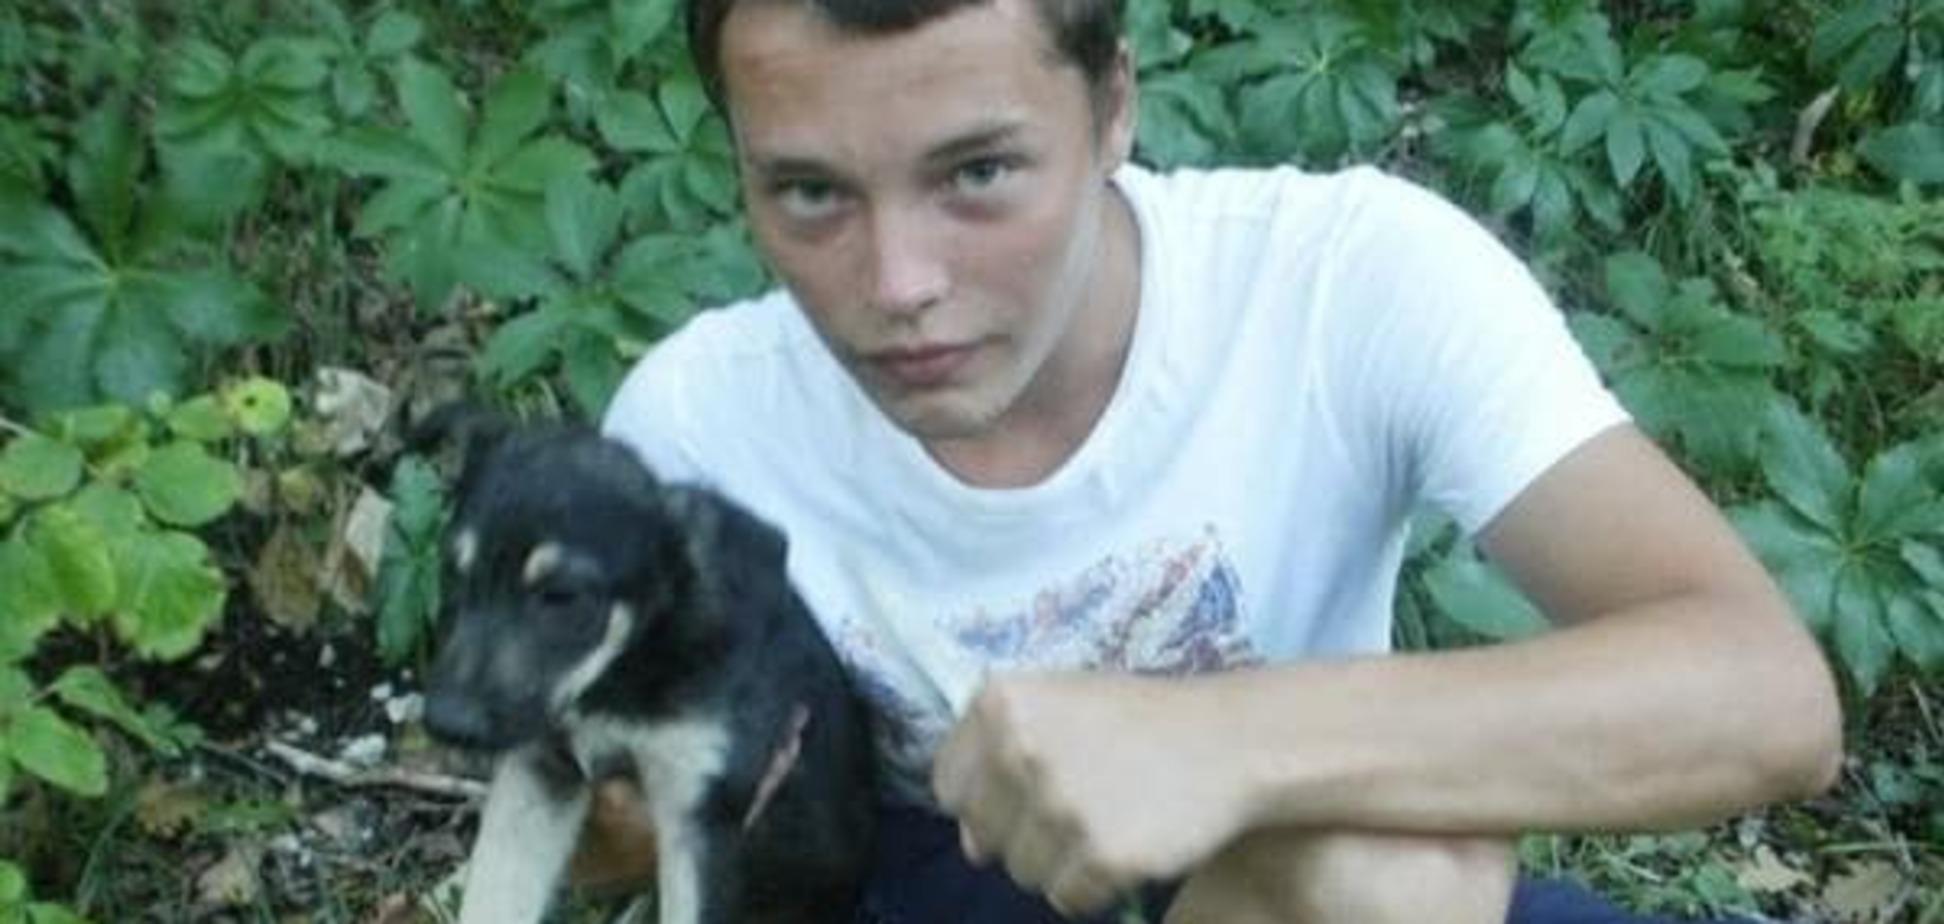 Неонацисты на Донбассе: за 'ДНР' и 'ЛНР' воюют живодеры и наемники из России